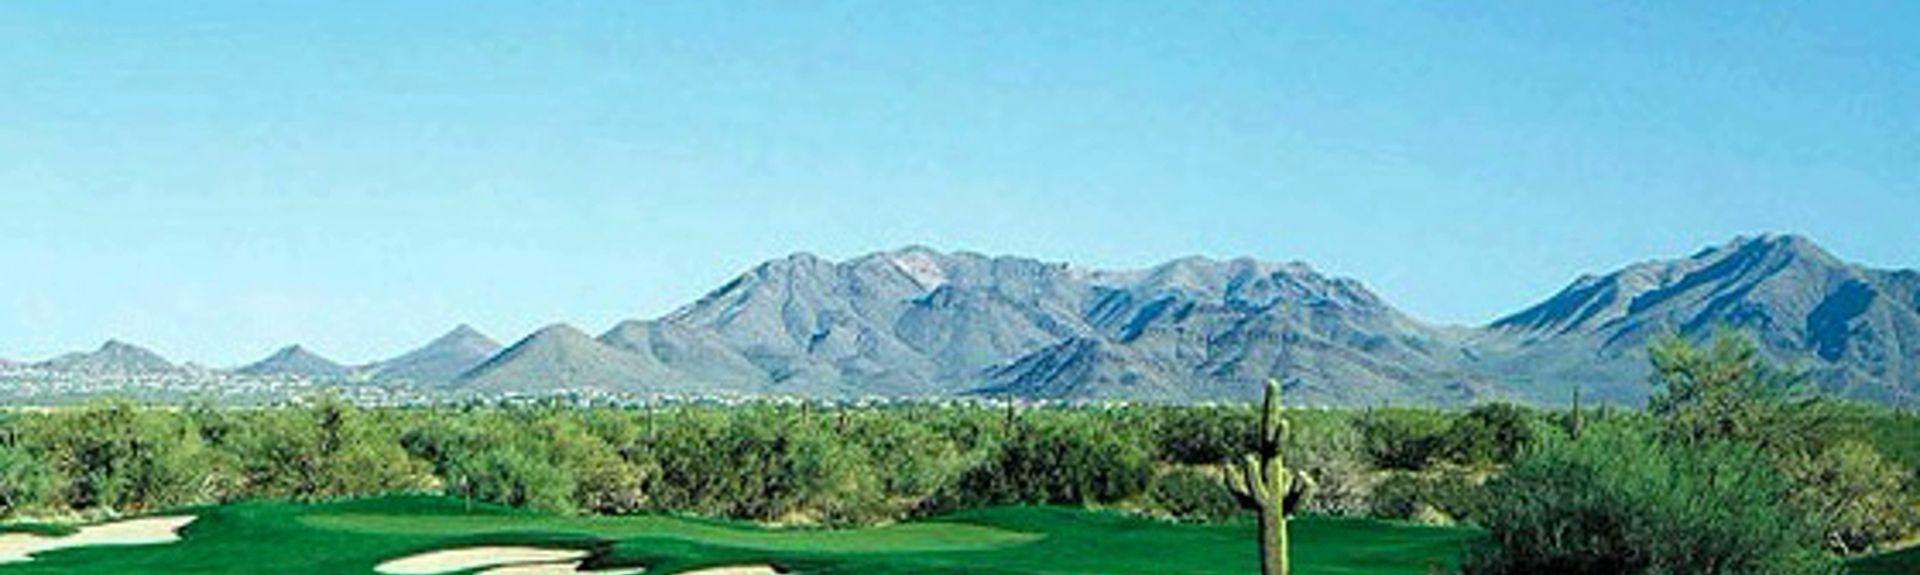 Marriott's Canyon Villas, Phoenix, AZ, USA